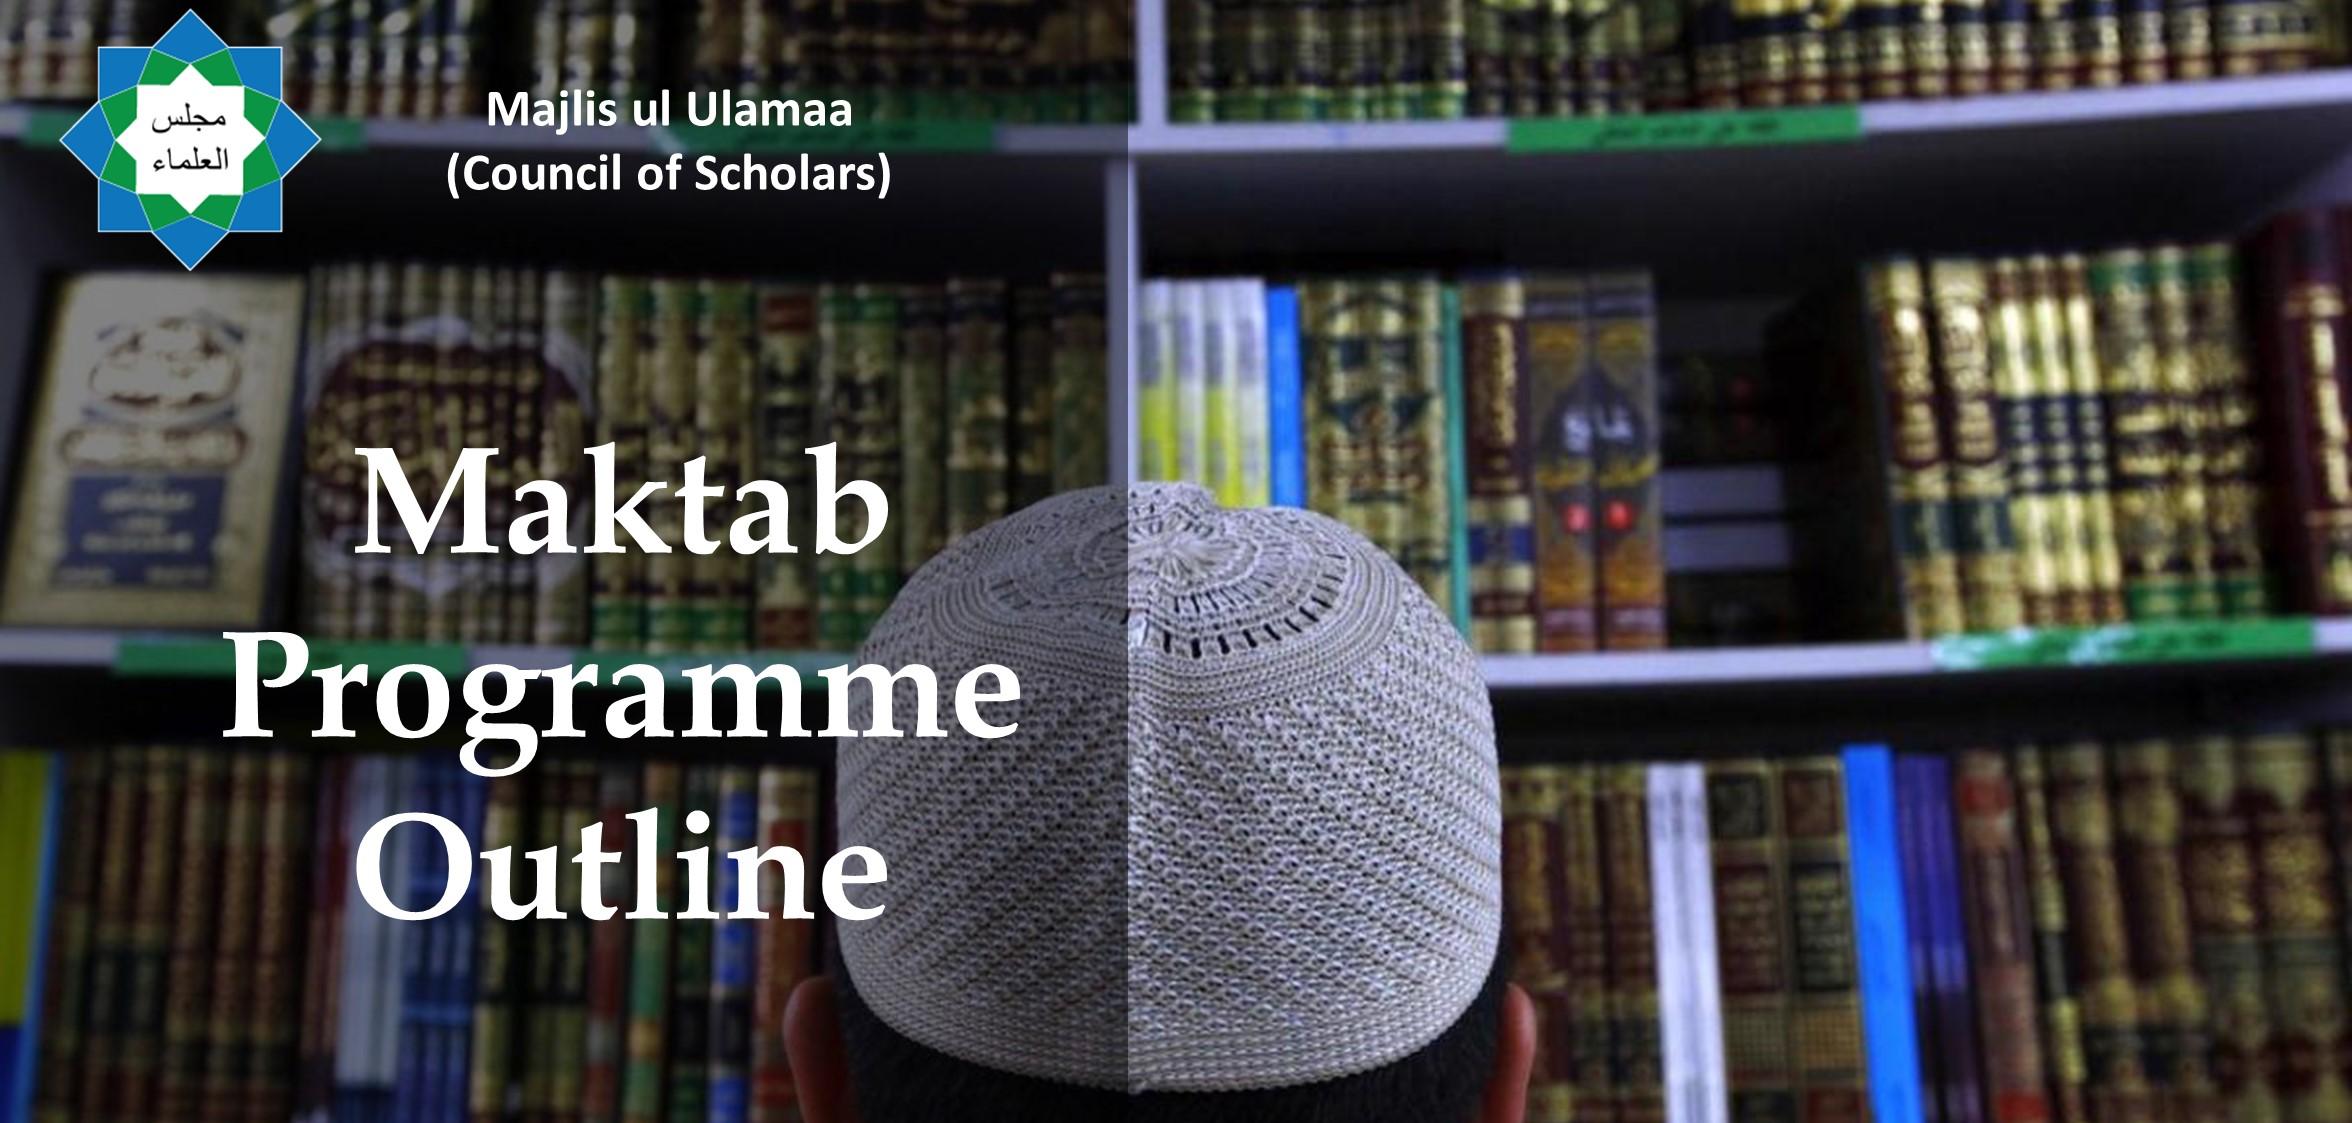 Maktab Programme